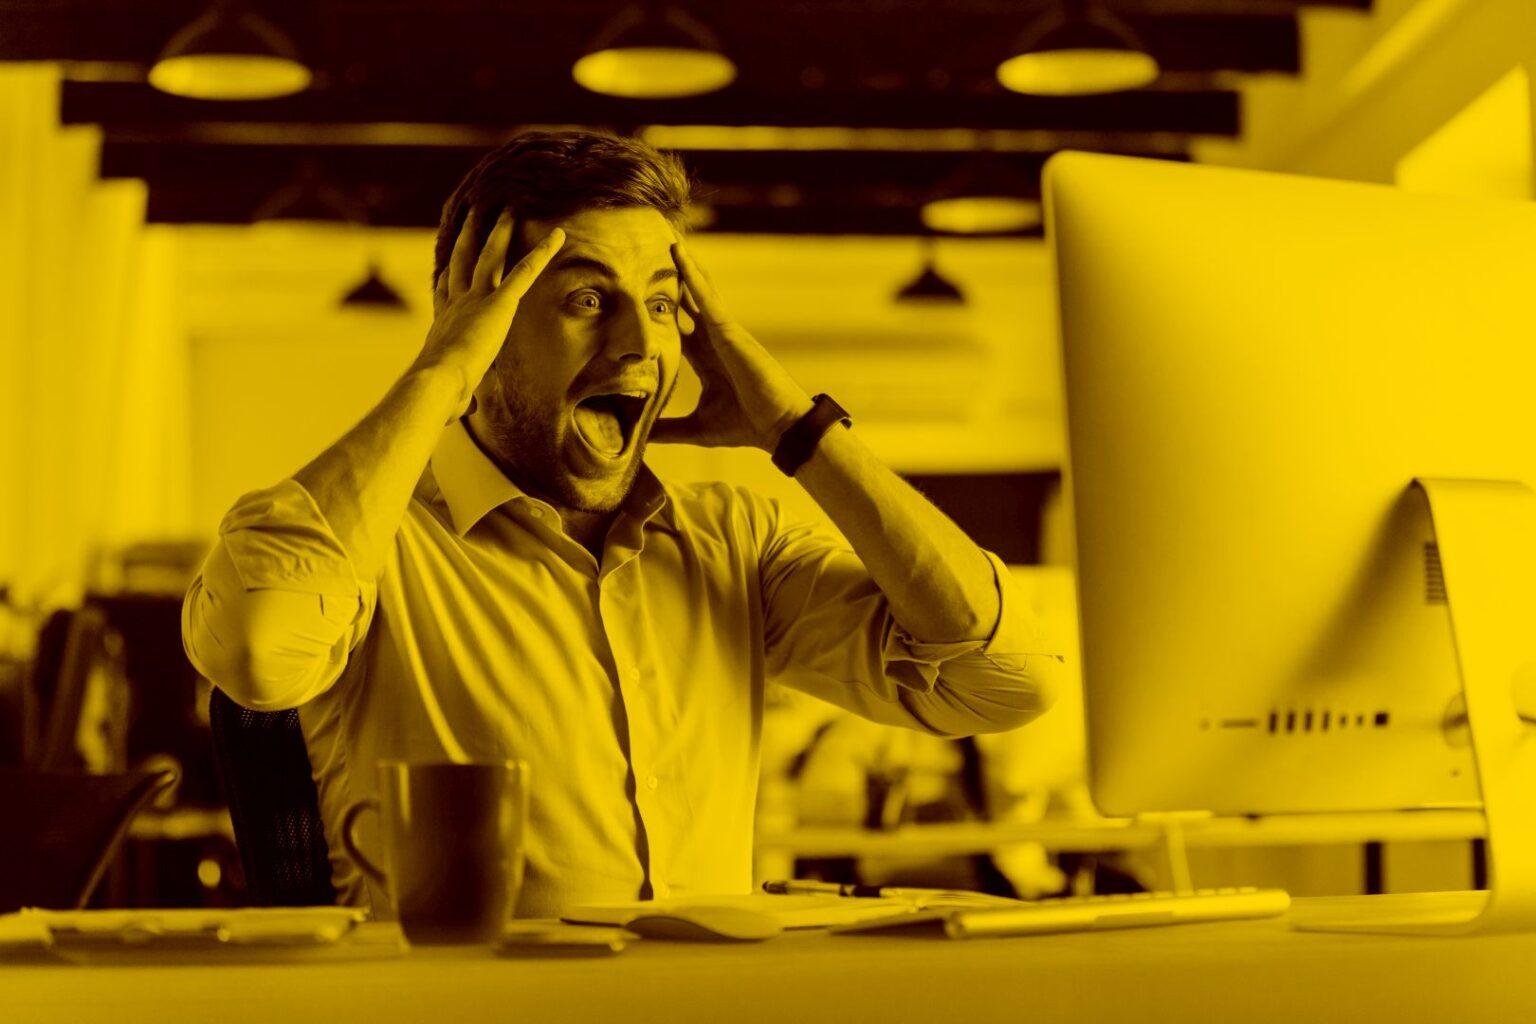 Man am Schreibtisch sieht Domain mit Umlauten auf seinem Bildschirm